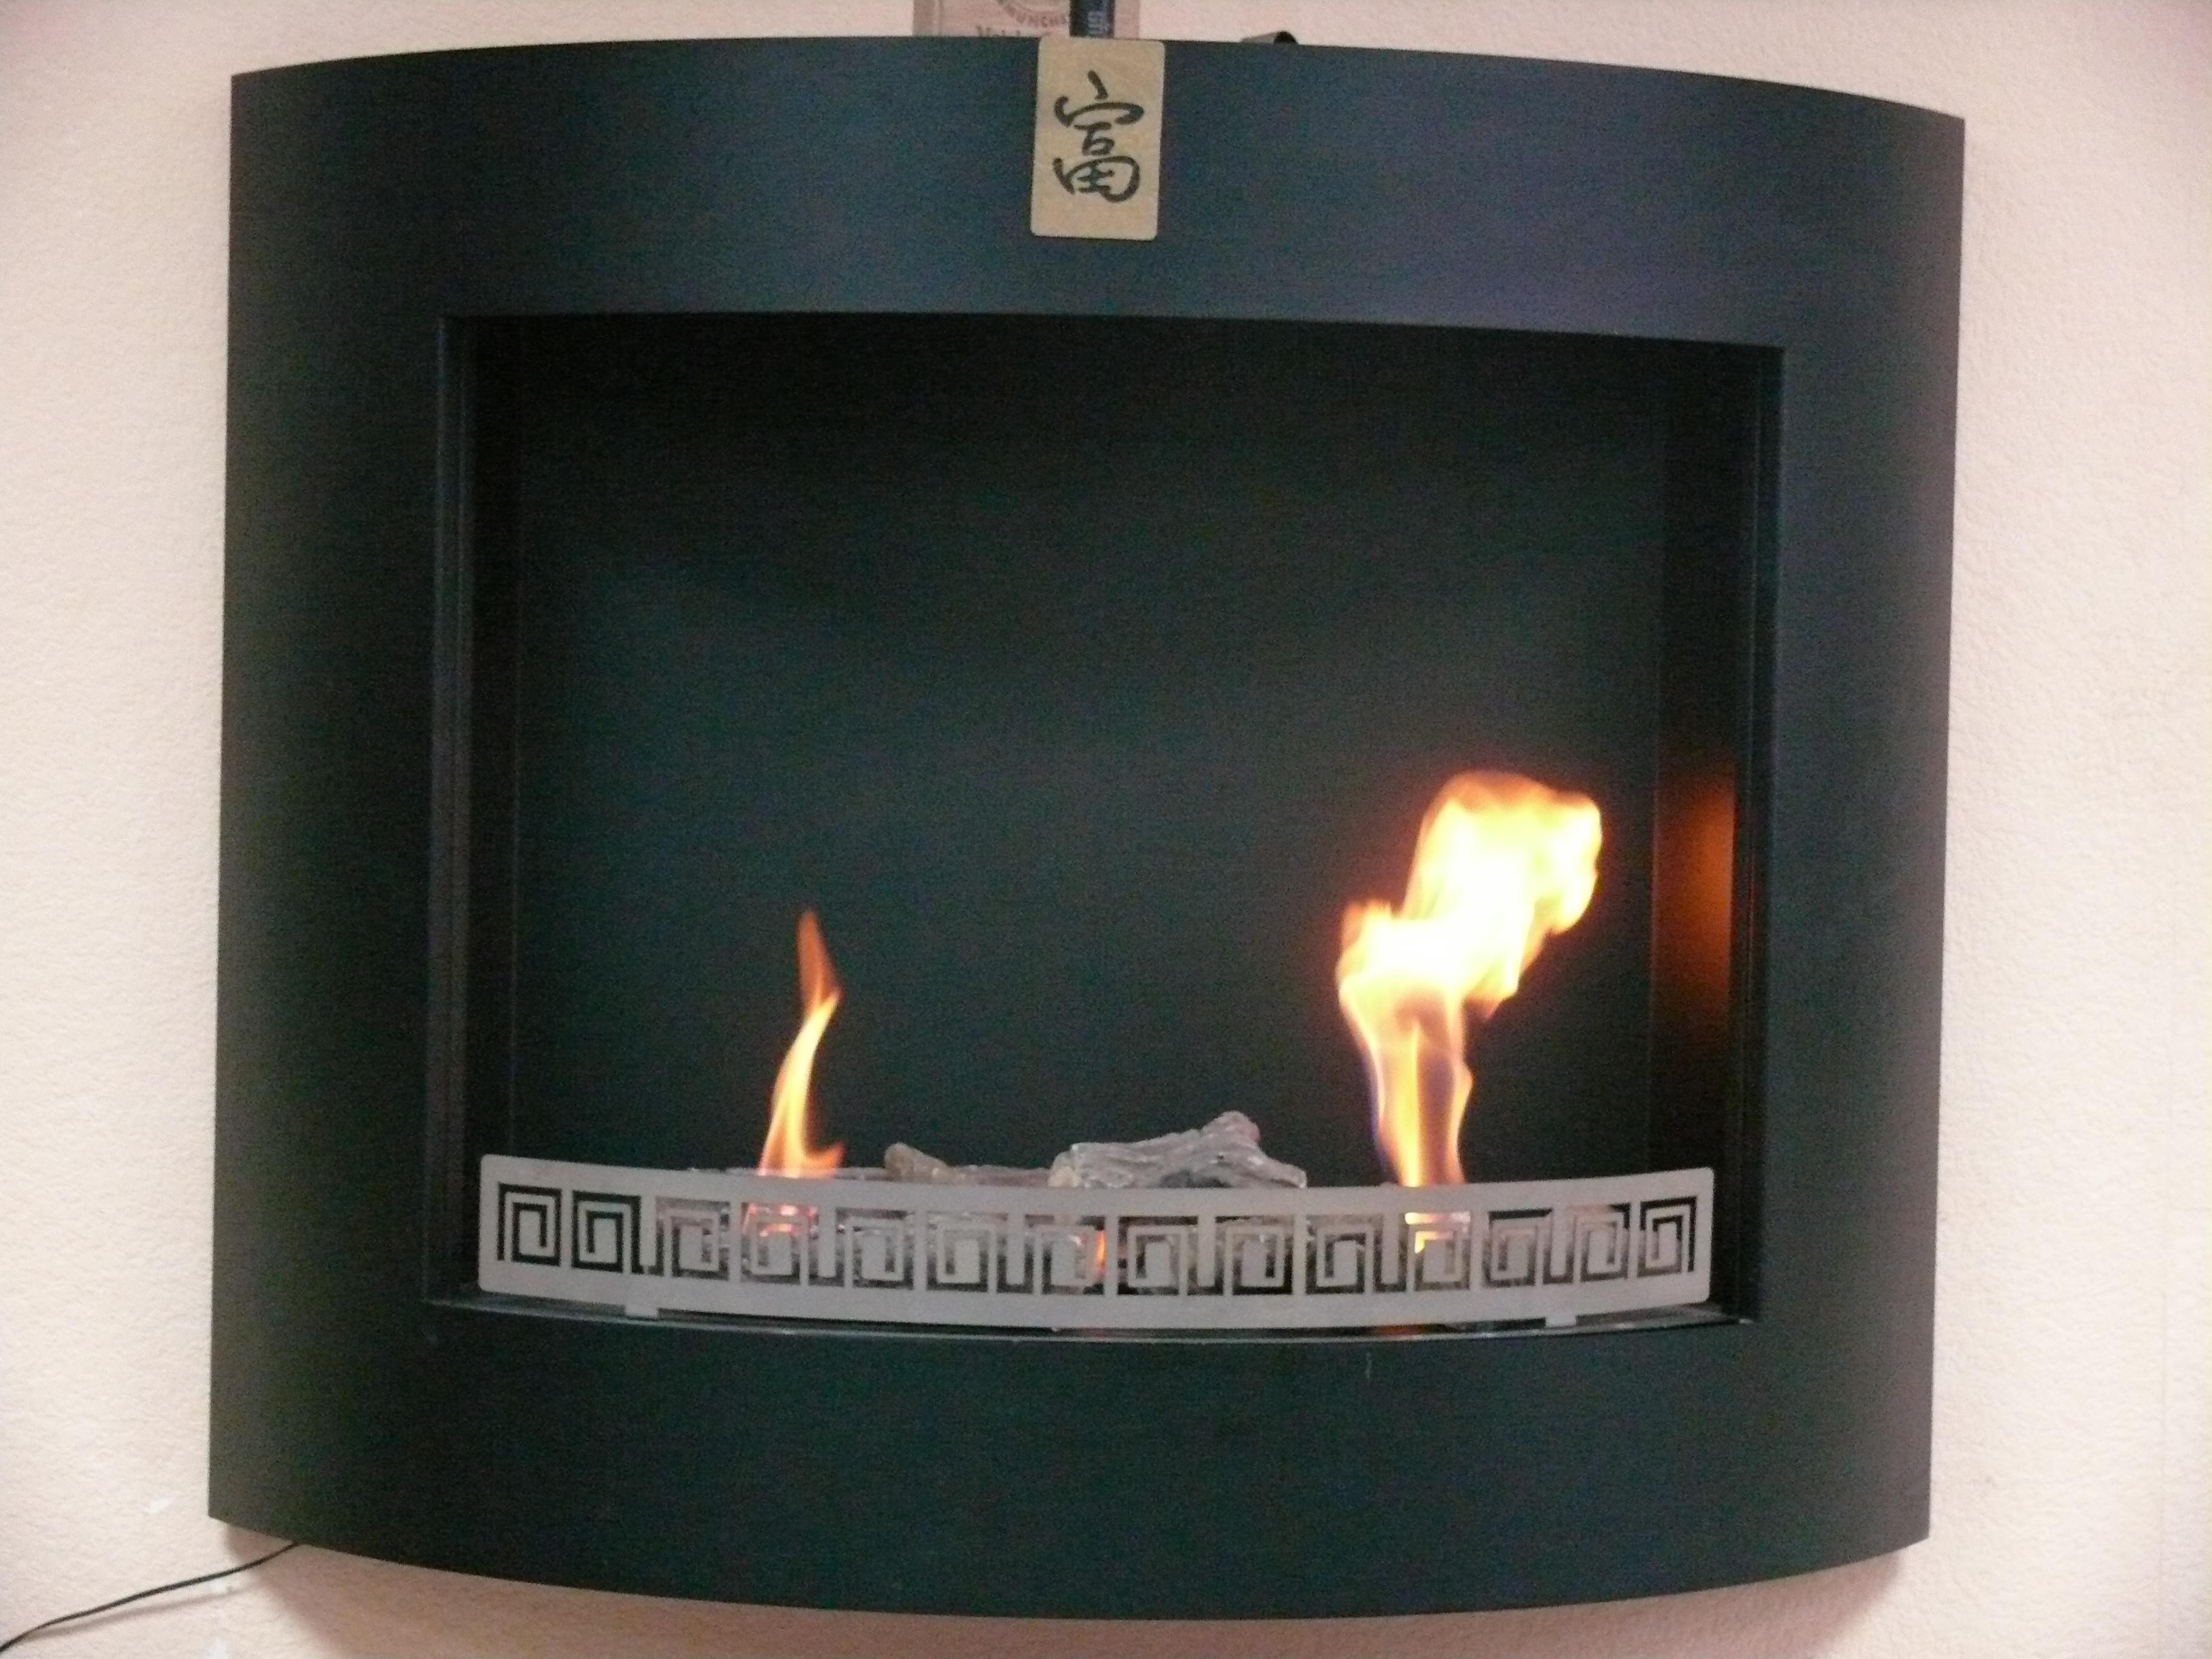 Биокамин - живой огонь без золы, дыма и огня для квартиры, дома и офиса